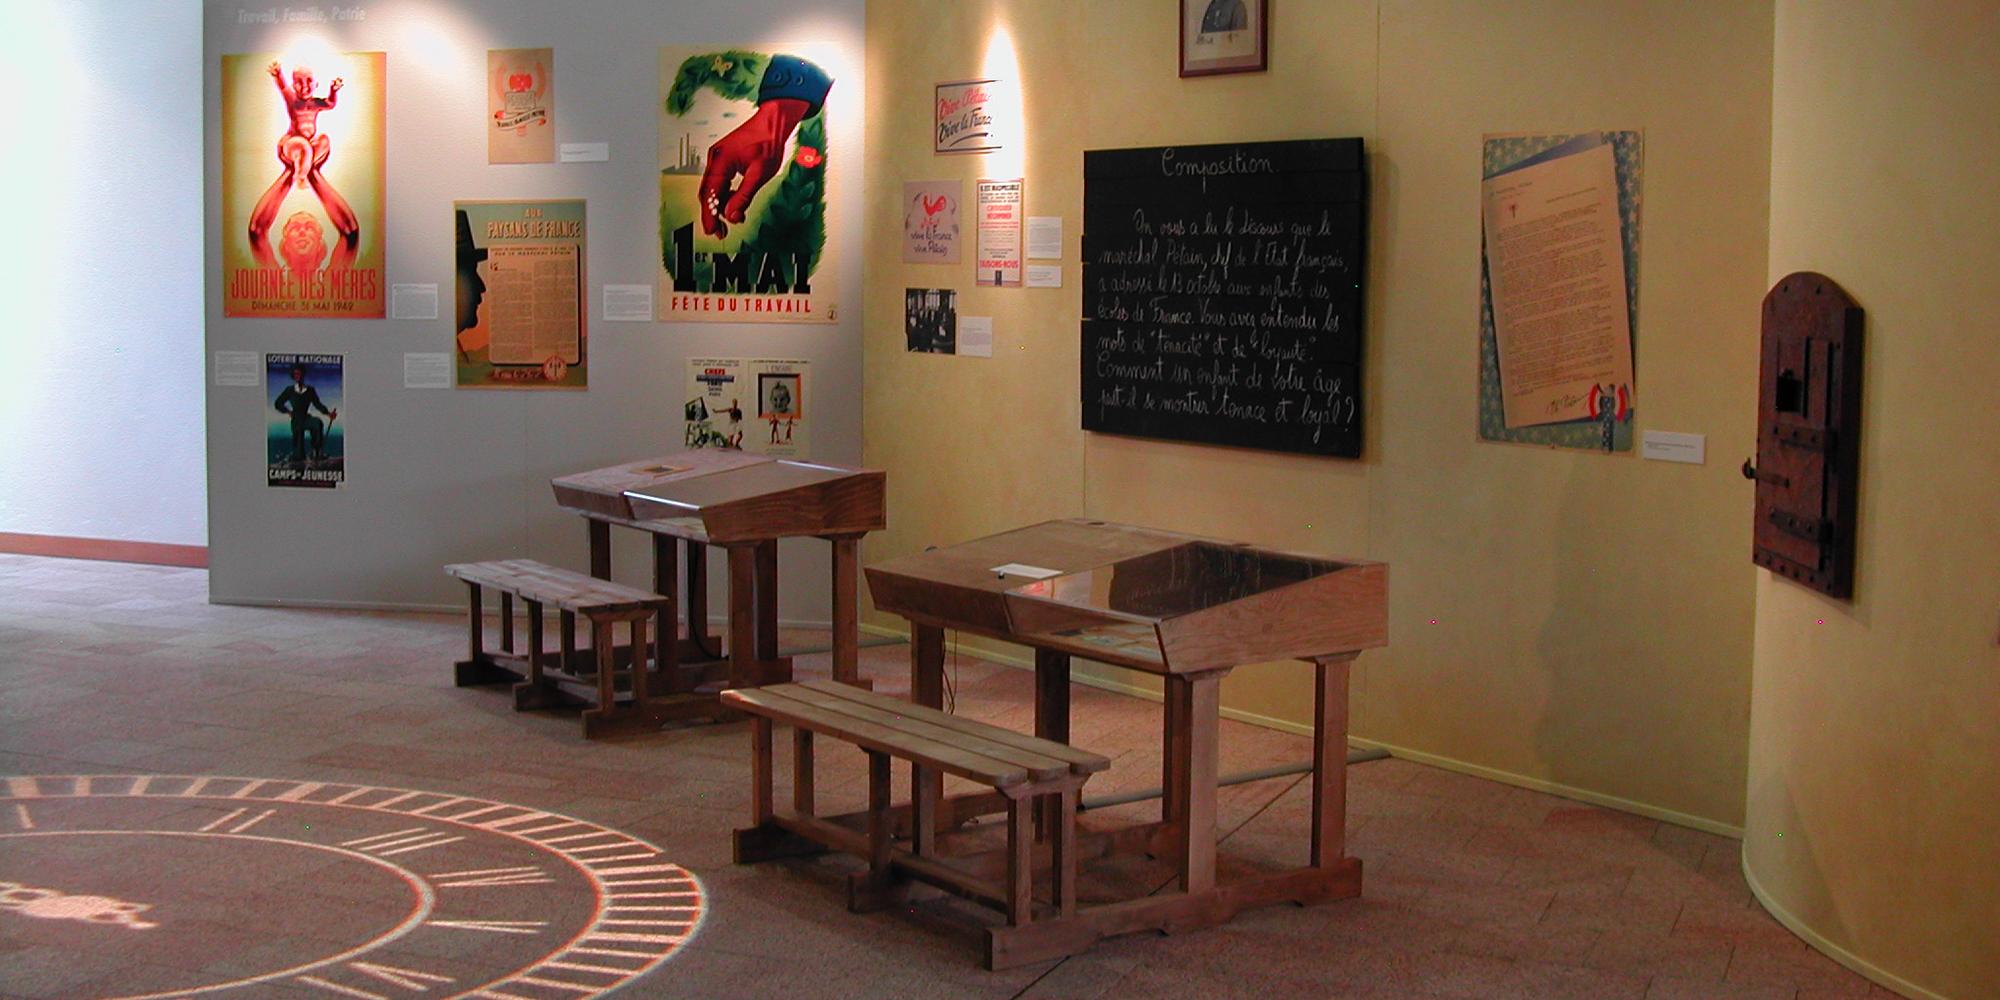 décor d'exposition aux Archives du Morbihan sur l'école et la vie des écoliers pendant la seconde guerre mondiale